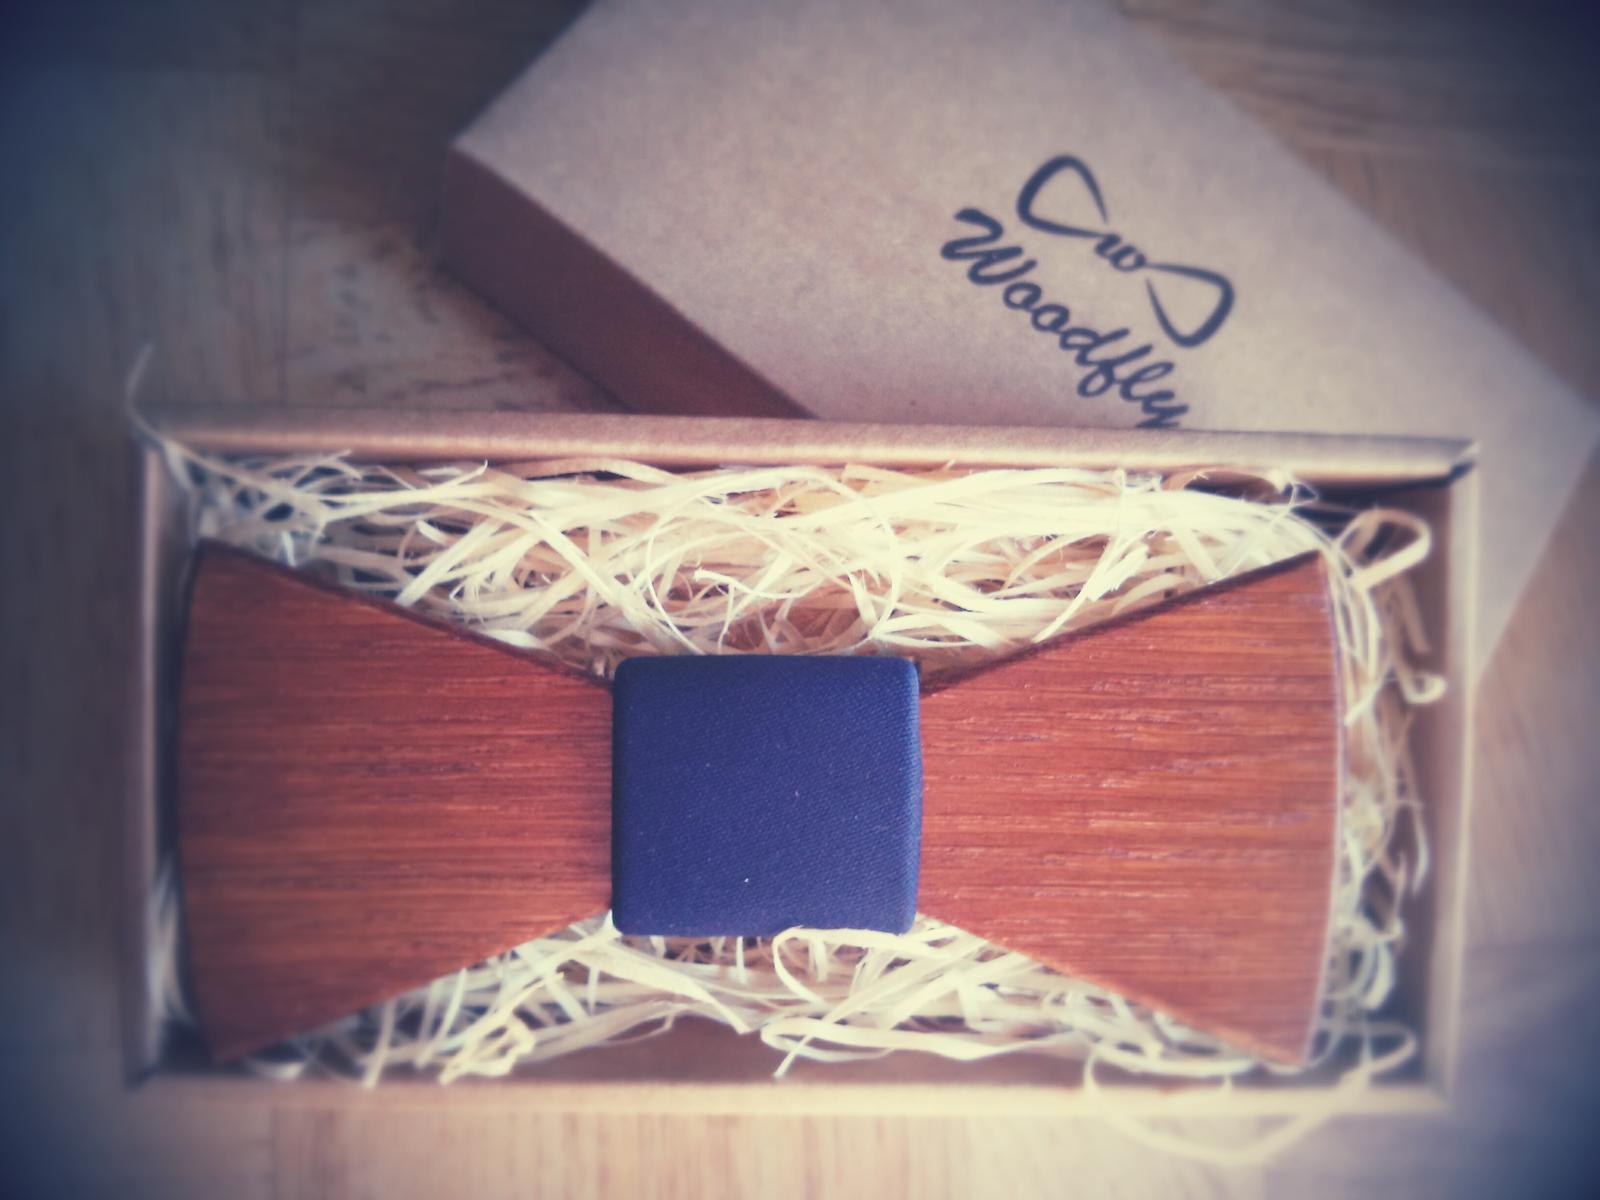 ♫ Keď sa sny plnia. . . ♫♪ - Narodeninový darček pre môjho chlapca...svadobný motýlik Timotej,vyrobený na želanie